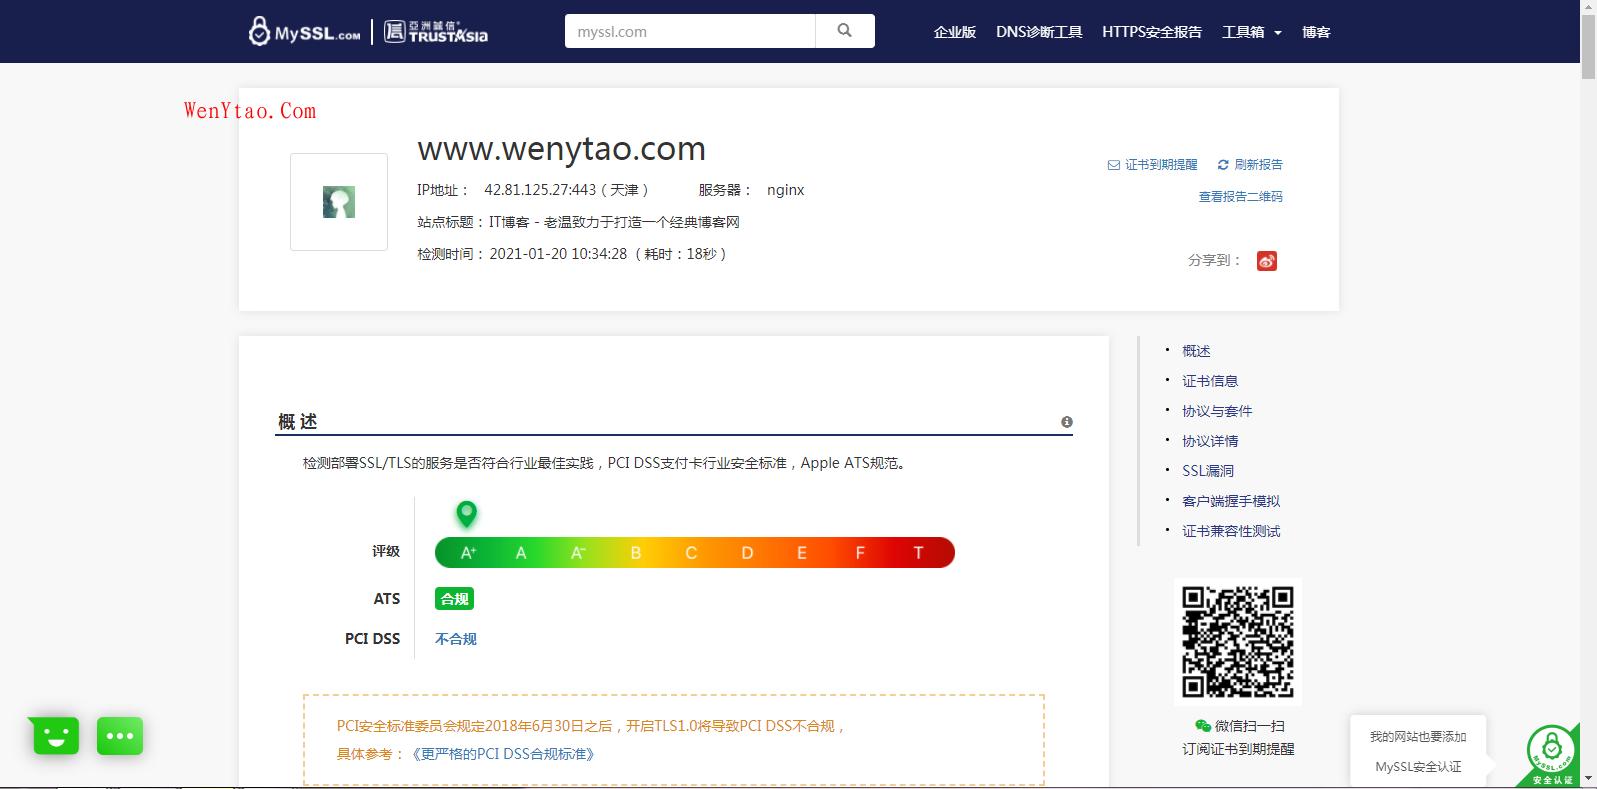 为您的网站添加MySSL安全认证签章,为您的网站添加MySSL安全认证签章 第2张,第2张